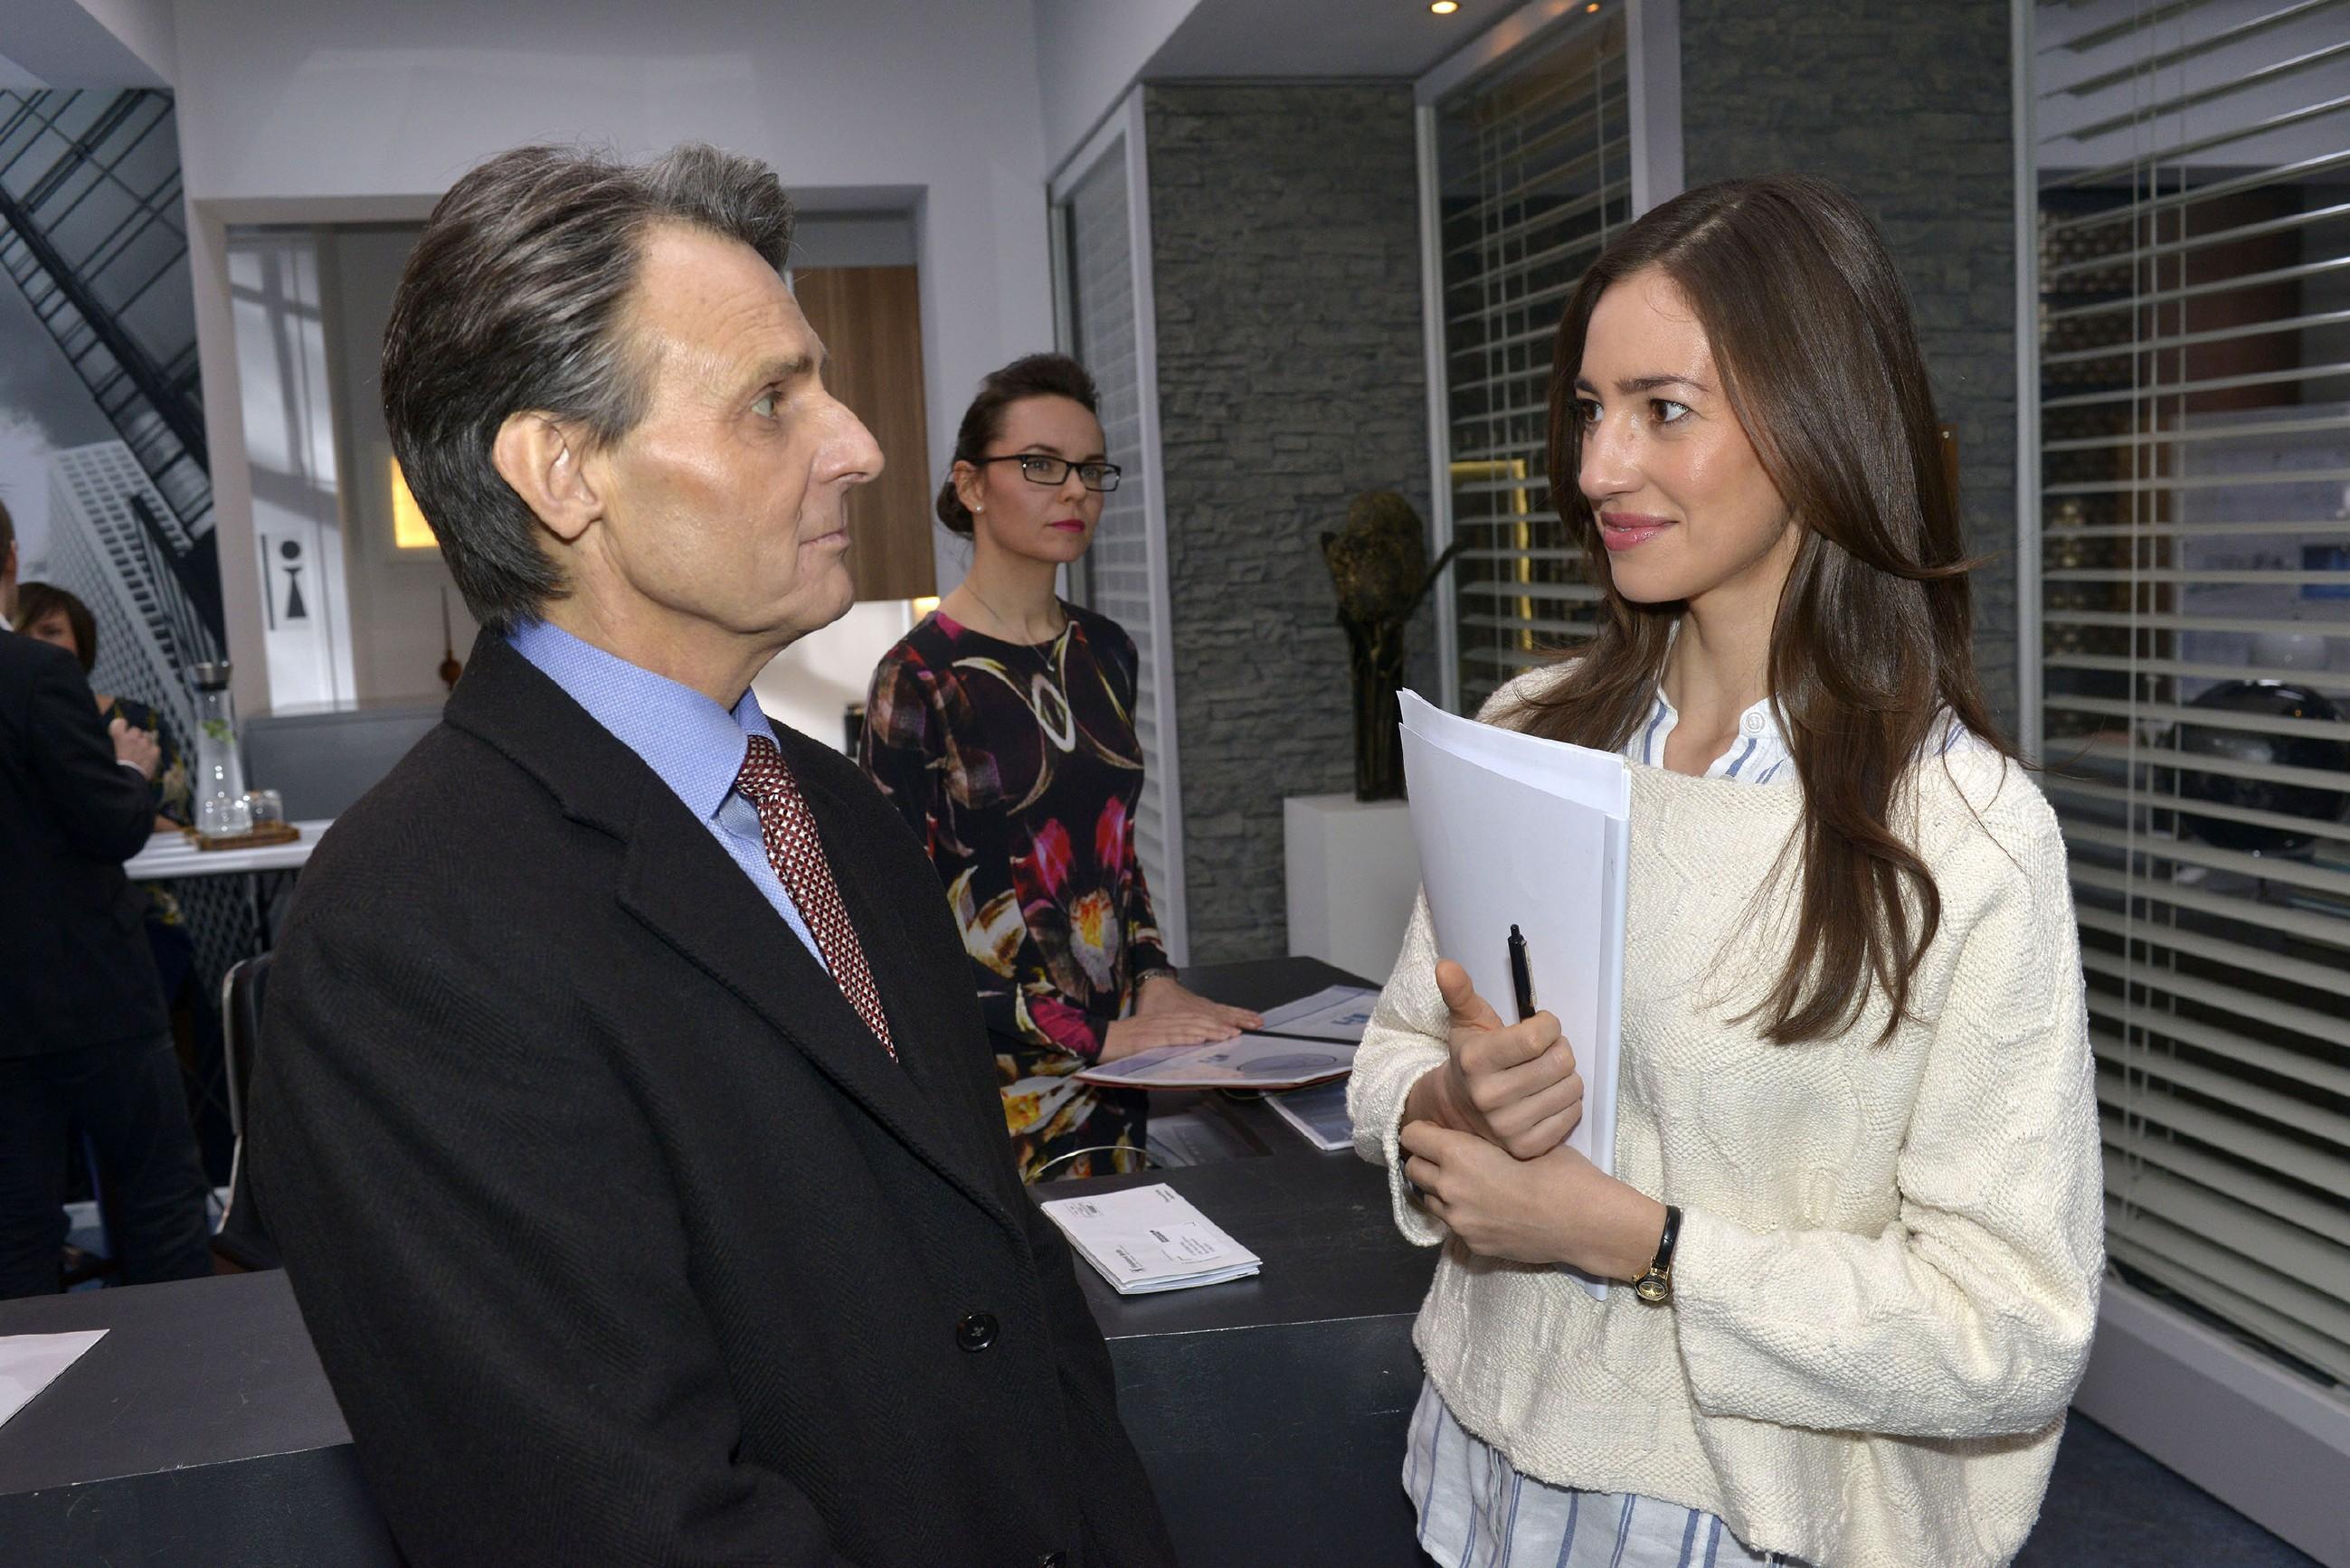 Elena (Elena Garcia Gerlach) gewinnt den Eindruck, dass ihre Gefühle wirklich nur eine Verirrung waren und sie mit Gerner (Wolfgang Bahro) zur Normalität zurückkehren kann.